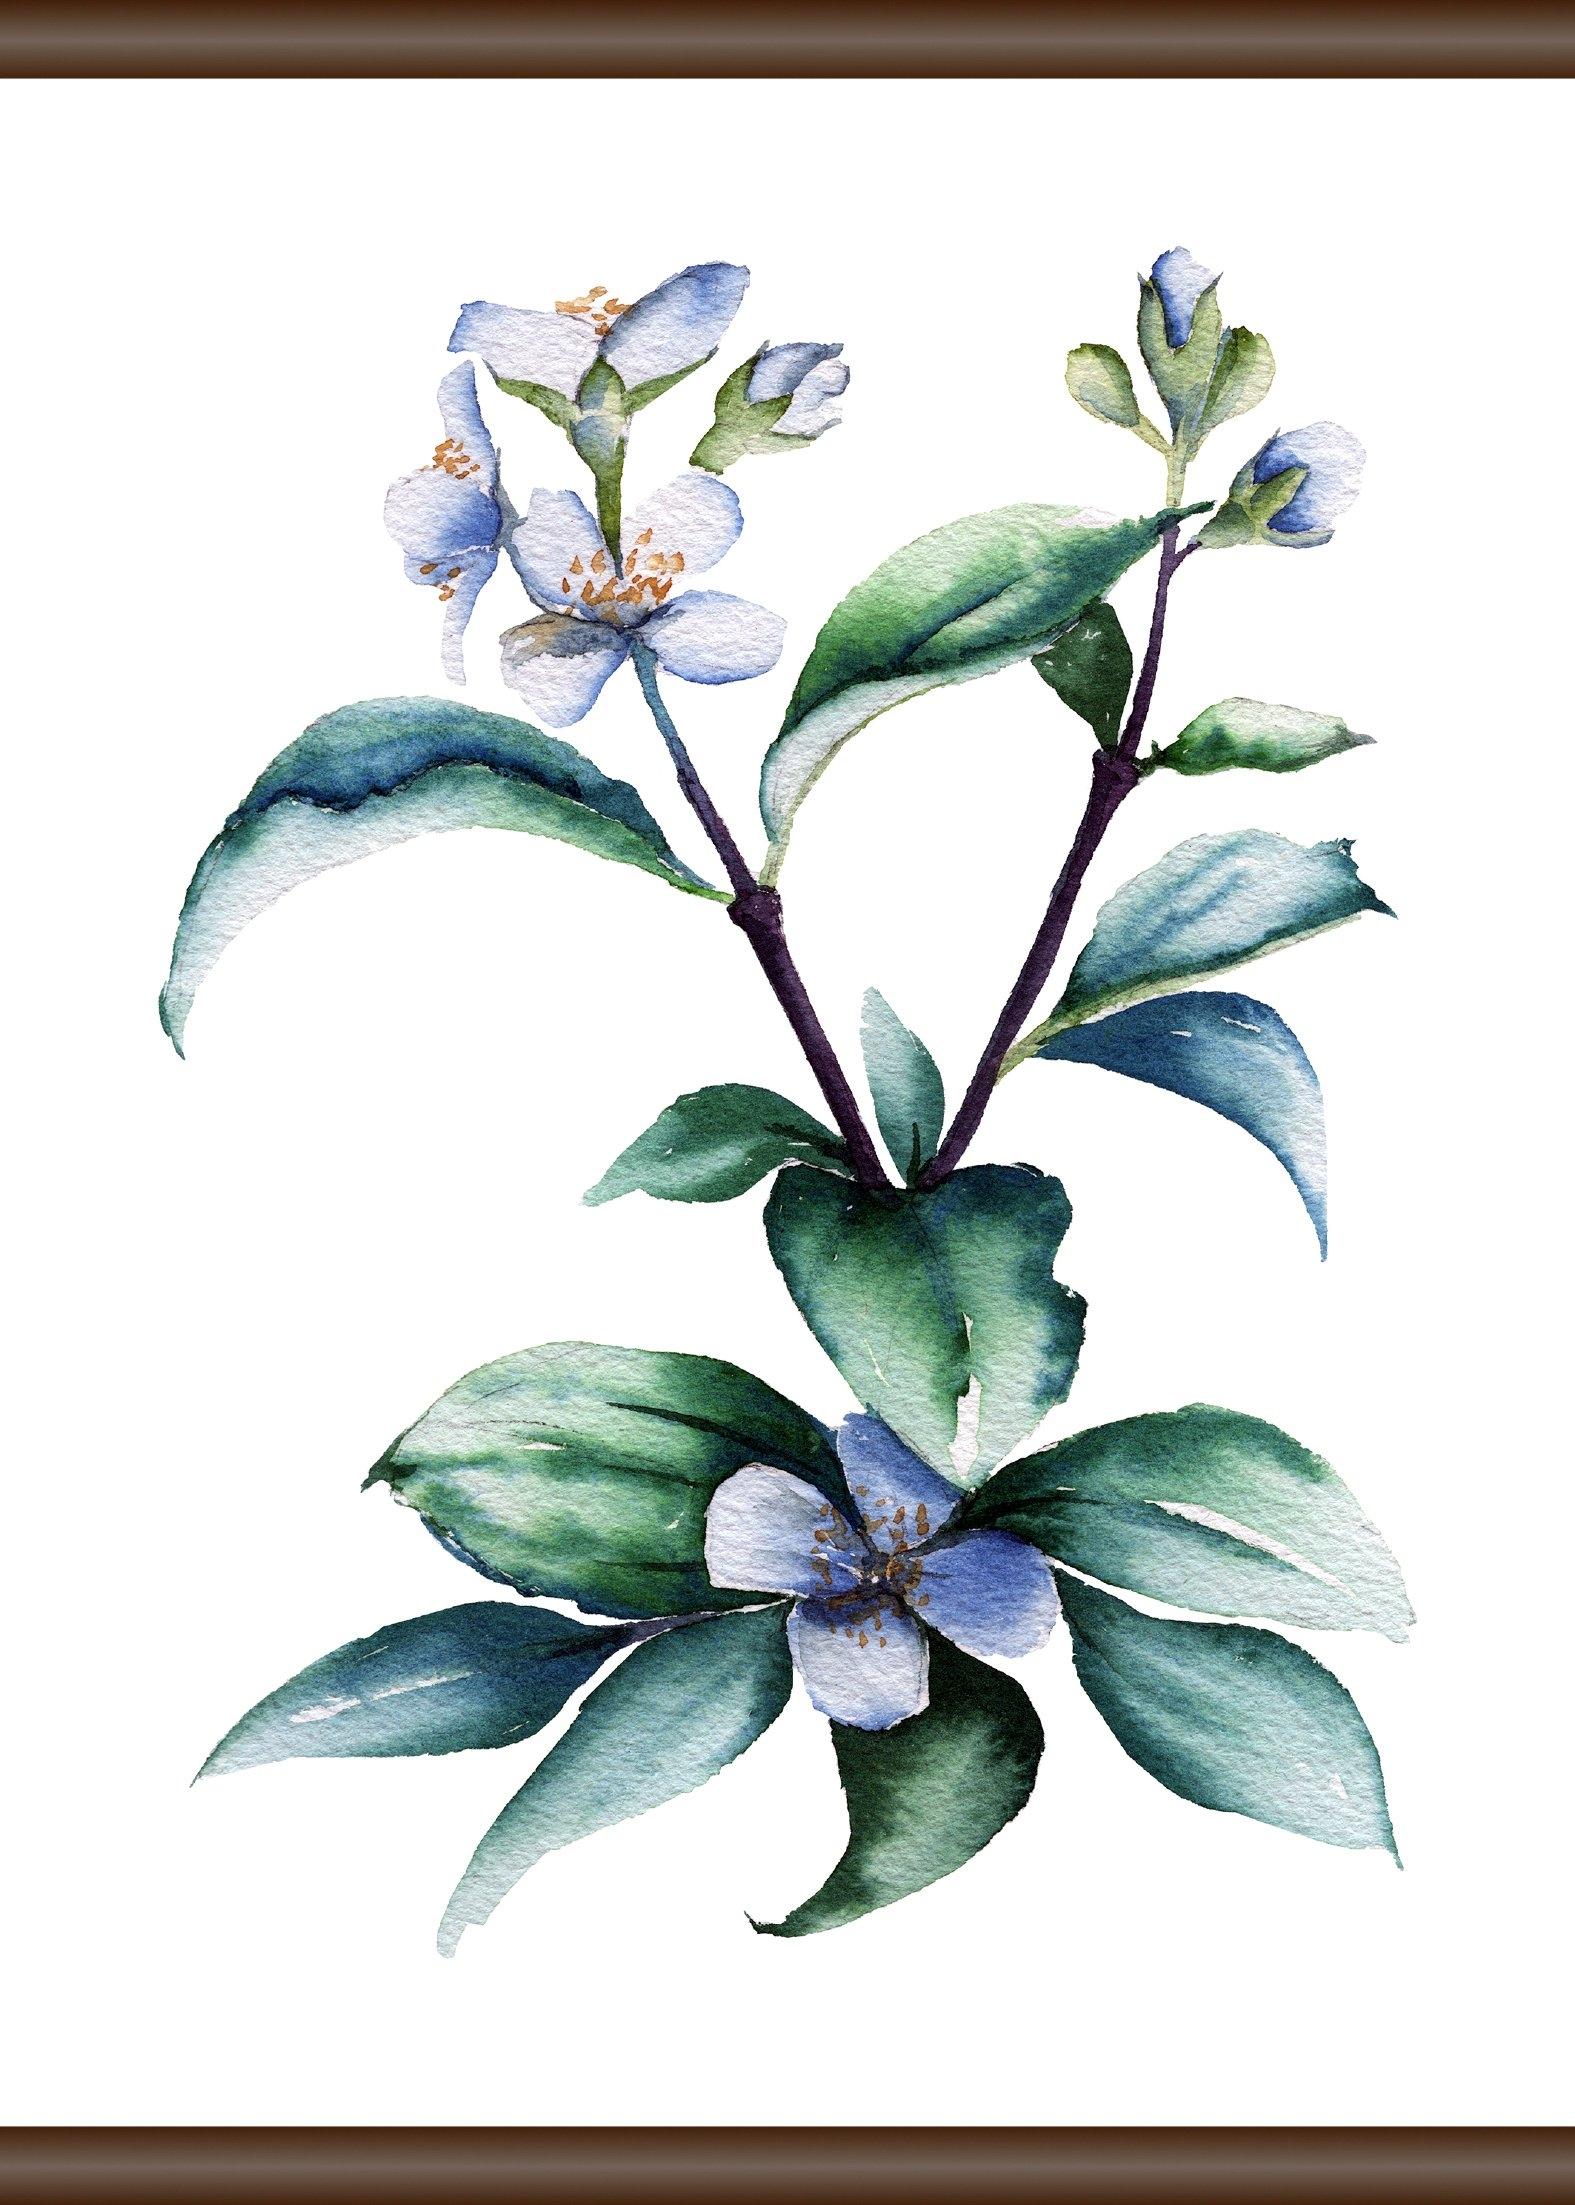 Queence Linnen »paarse plant«, Screen scroll schilderij 50x70 cm goedkoop op otto.nl kopen